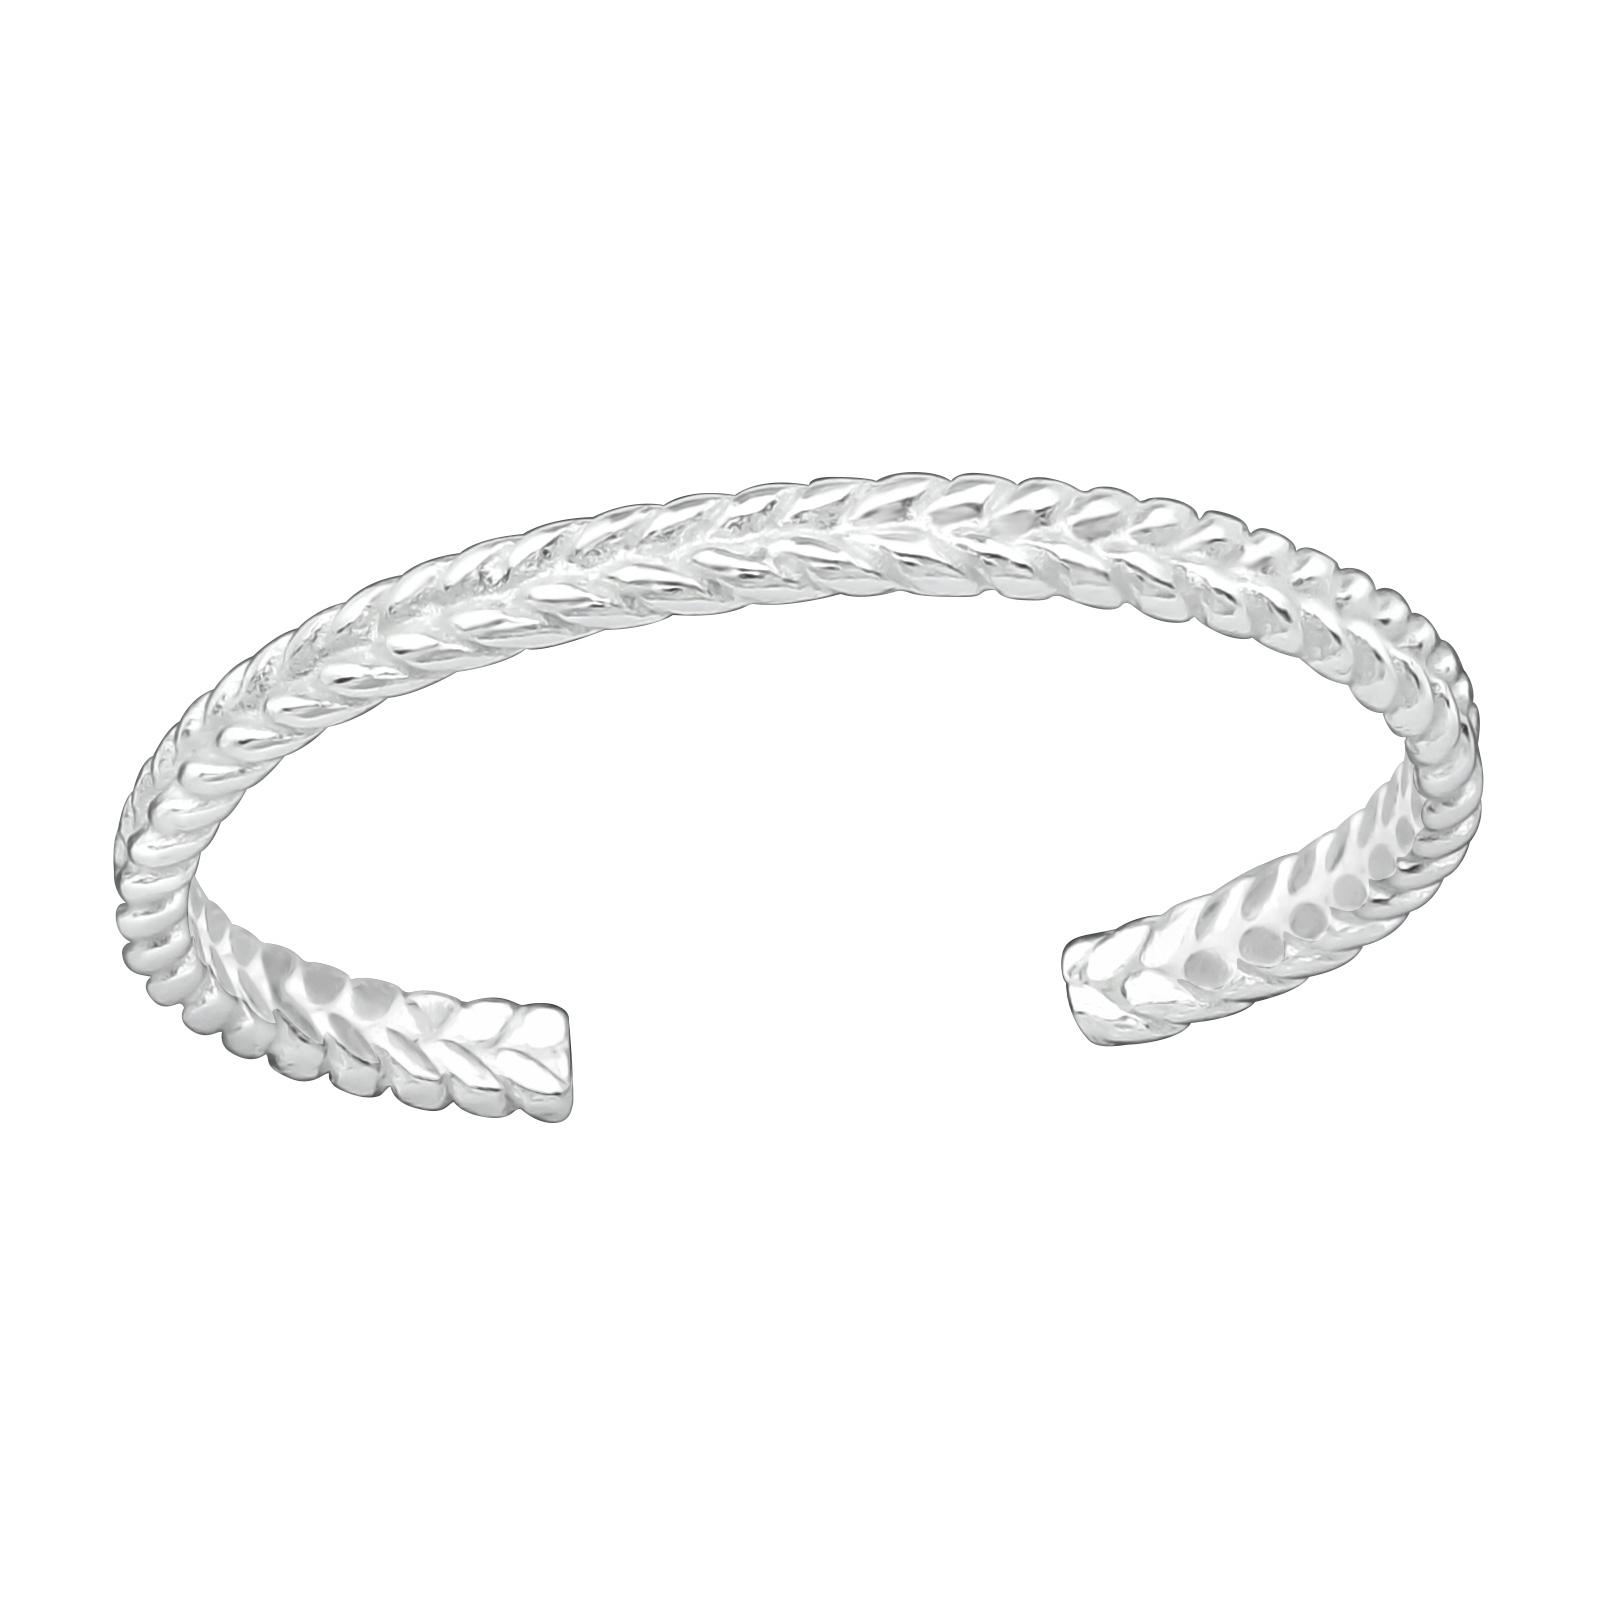 OLIVIE Strieborný prsteň na nohu 2755 Ag 925; ≤0,40 g.